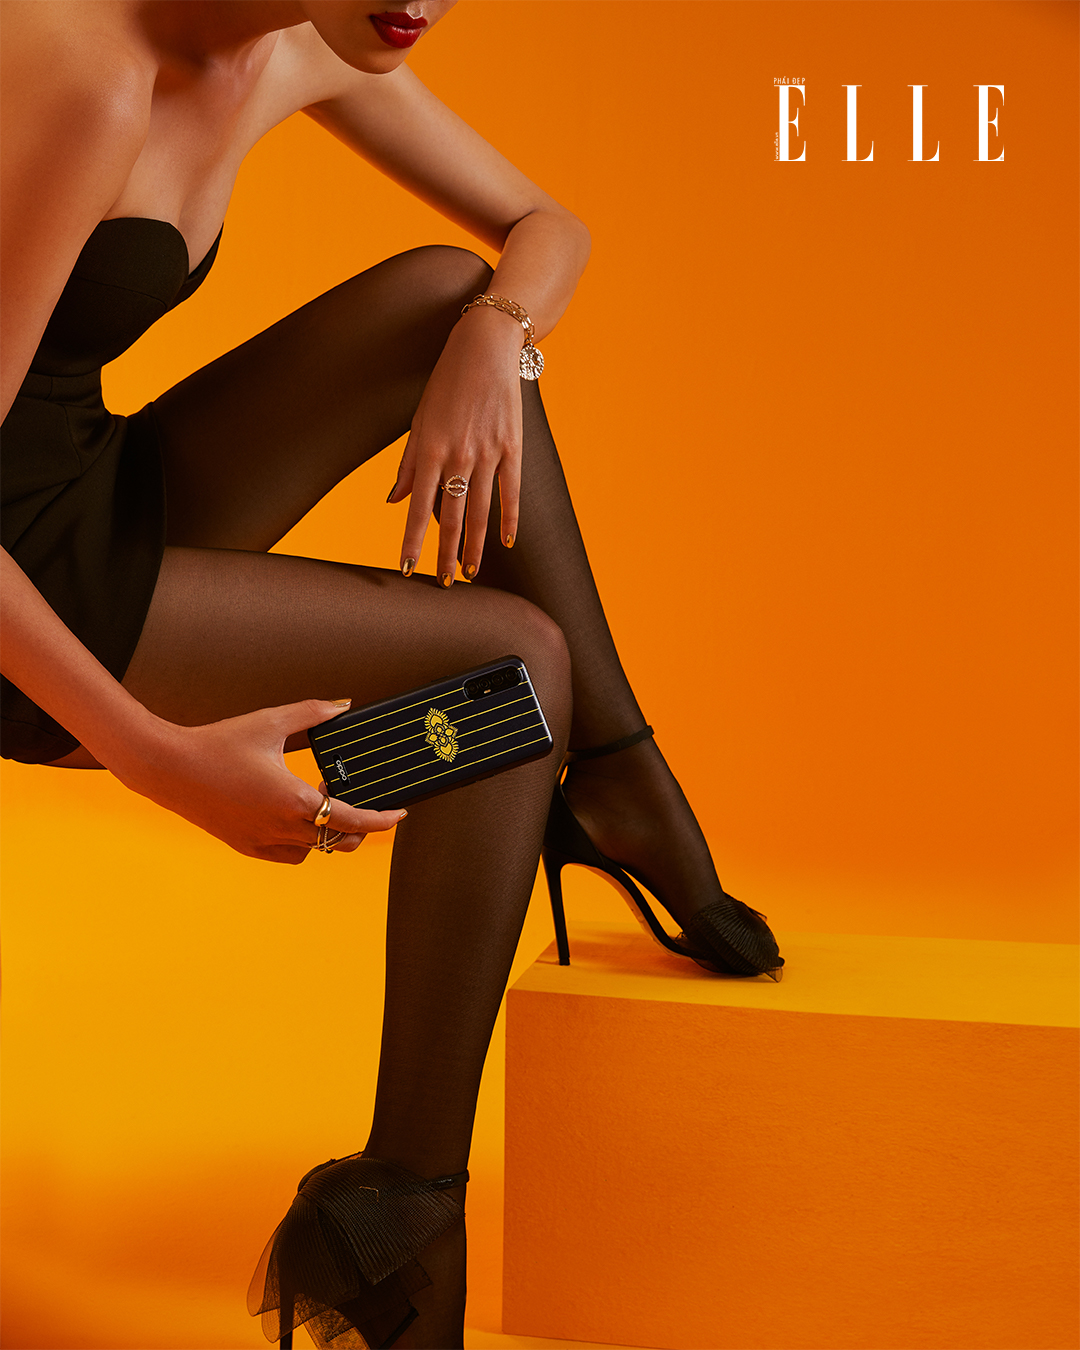 Bộ ảnh thời trang Bản Ngã Thời Thượng - Người mẫu diện đầm quây đen, cầm điện thoại OPPO Reno3